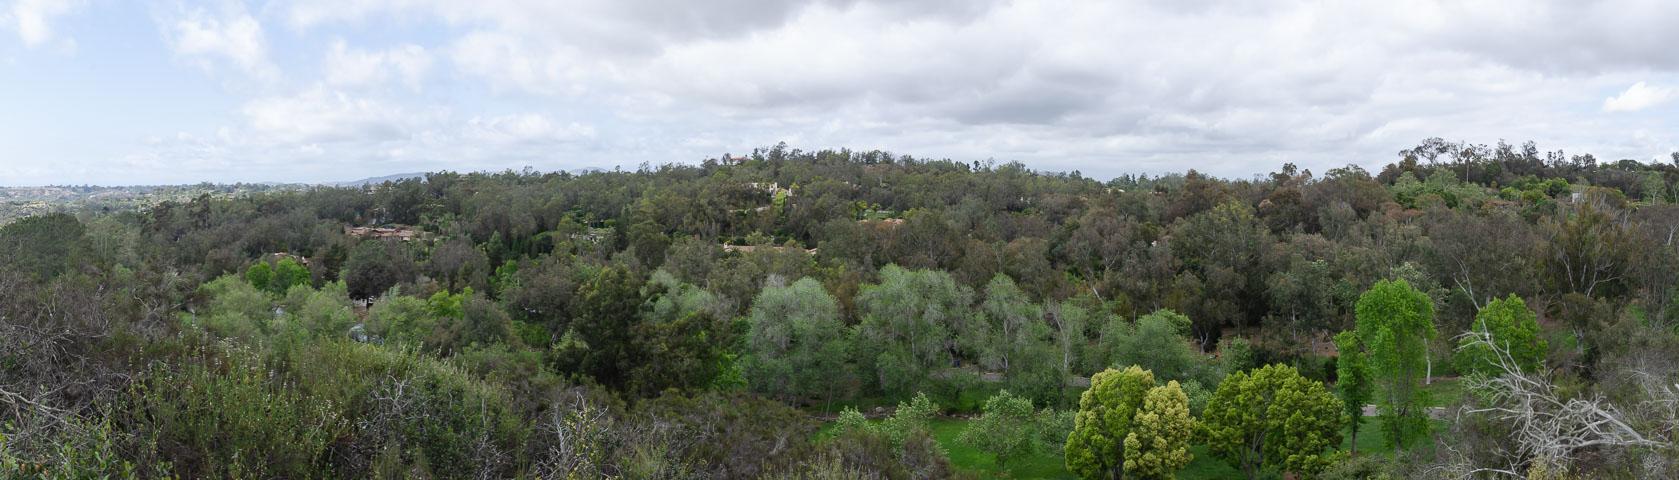 San Dieguito County Park